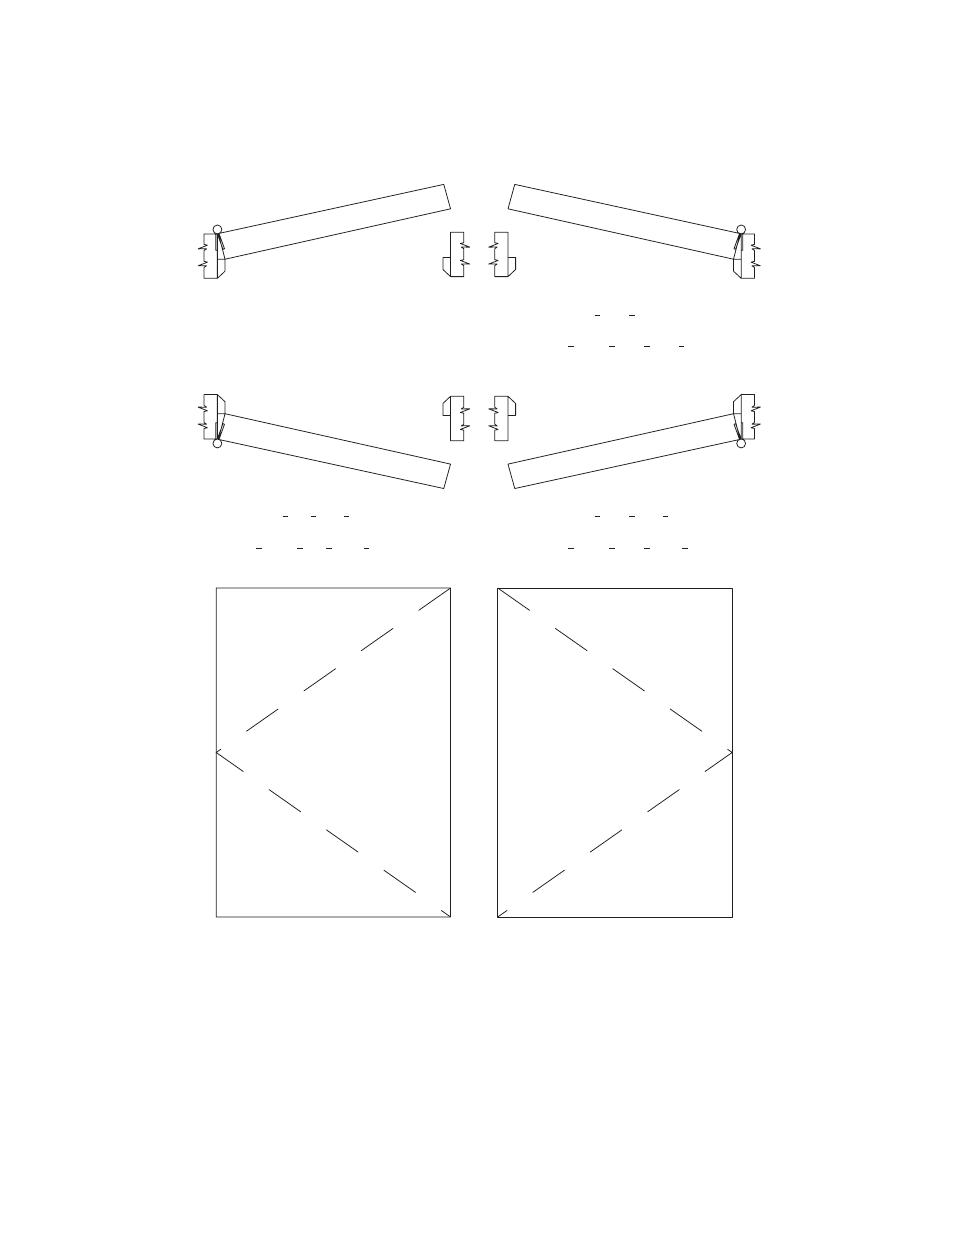 Door handing | Oldcastle BuildingEnvelope Standard Door and Frame User Manual | Page 6 / 31  sc 1 st  manualsdir.com & Door handing | Oldcastle BuildingEnvelope Standard Door and Frame ... pezcame.com